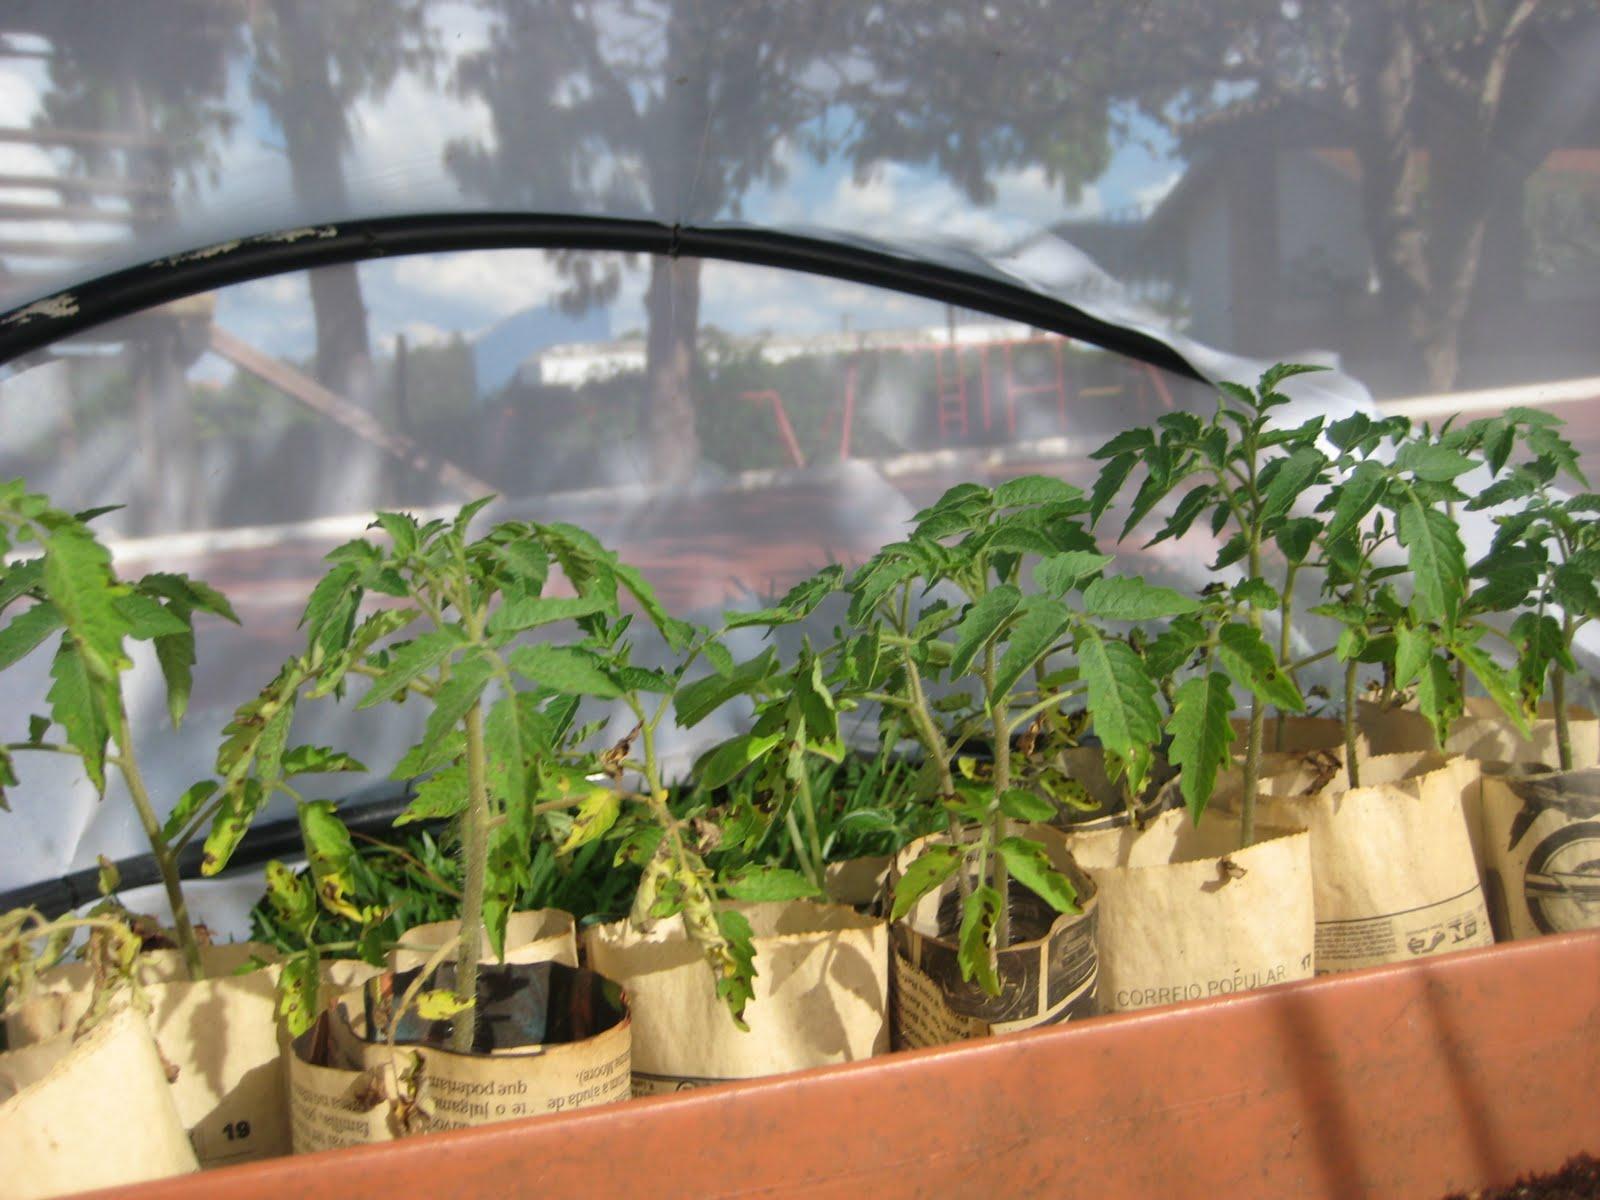 Estufa horta na escola do s tio - Estufa para habitacion pequena ...